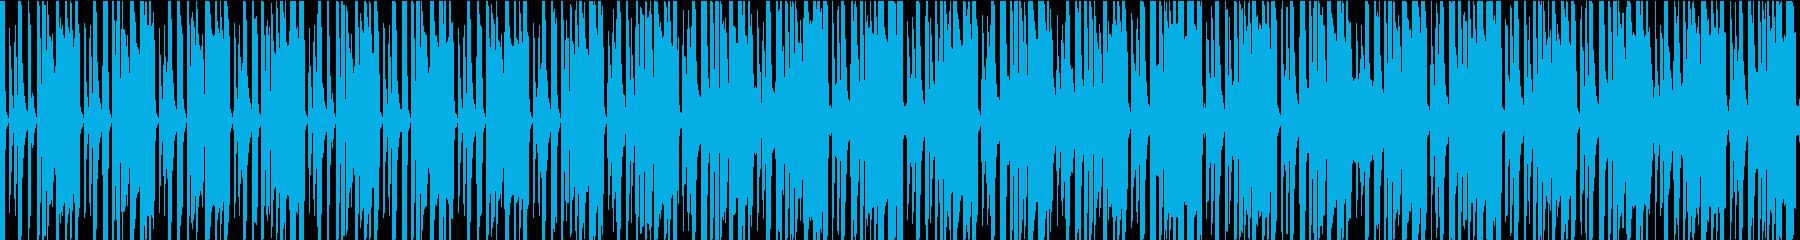 ノリの良いエレクトロ系BGMの再生済みの波形